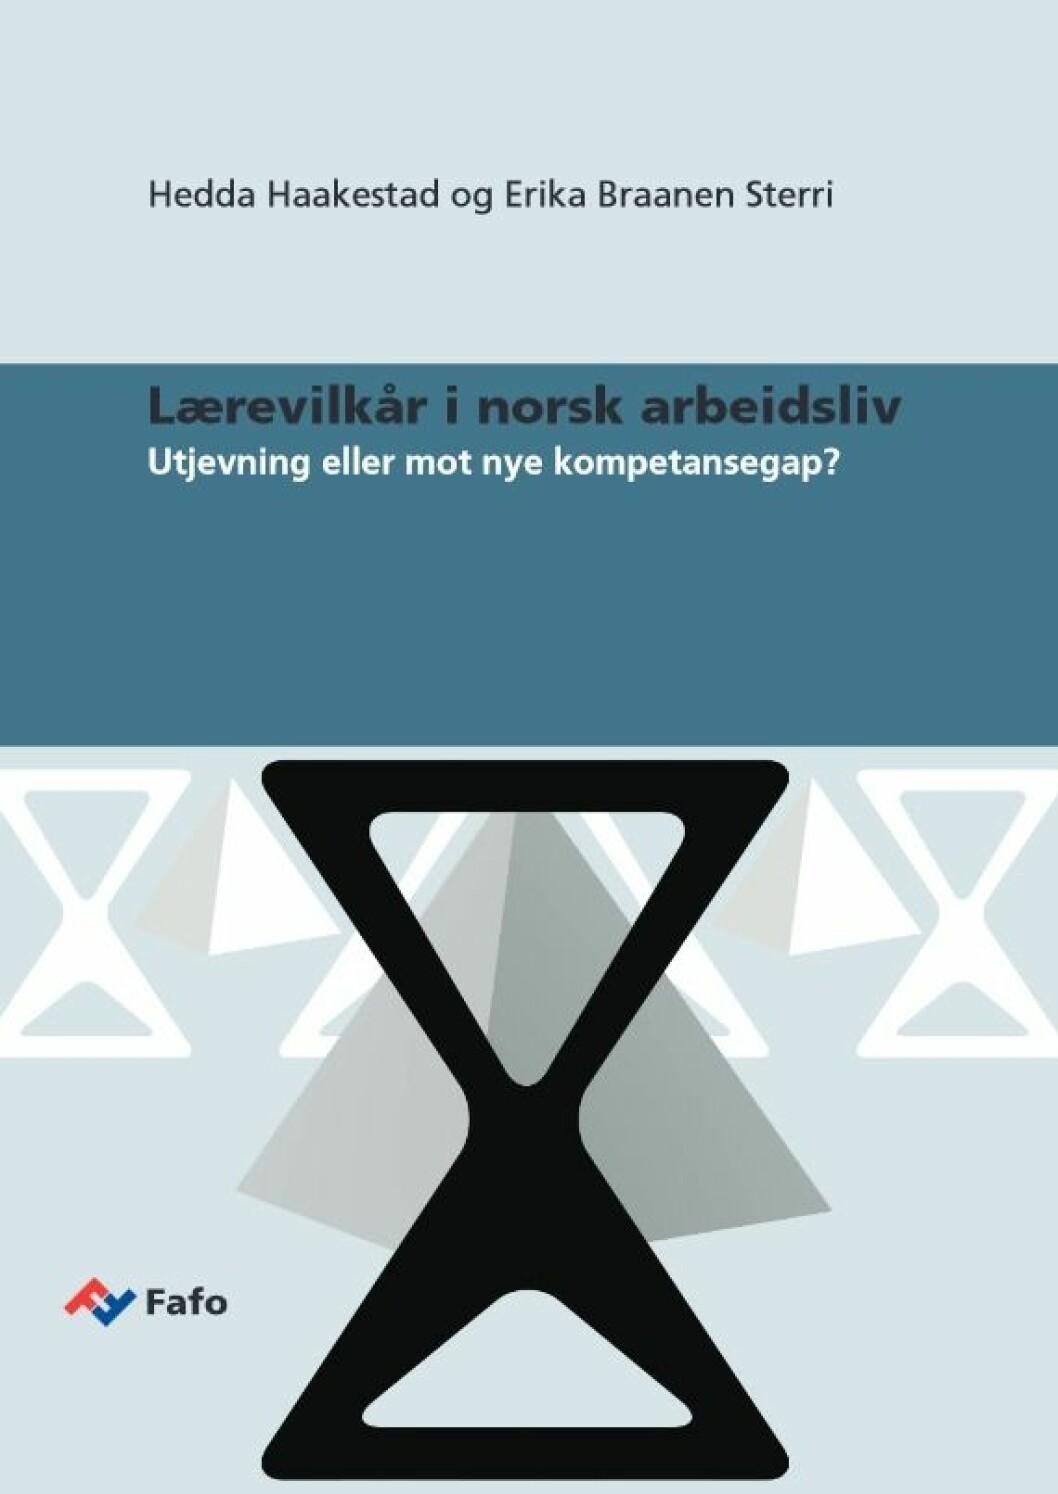 Lærevilkår i norsk arbeidsliv 2015